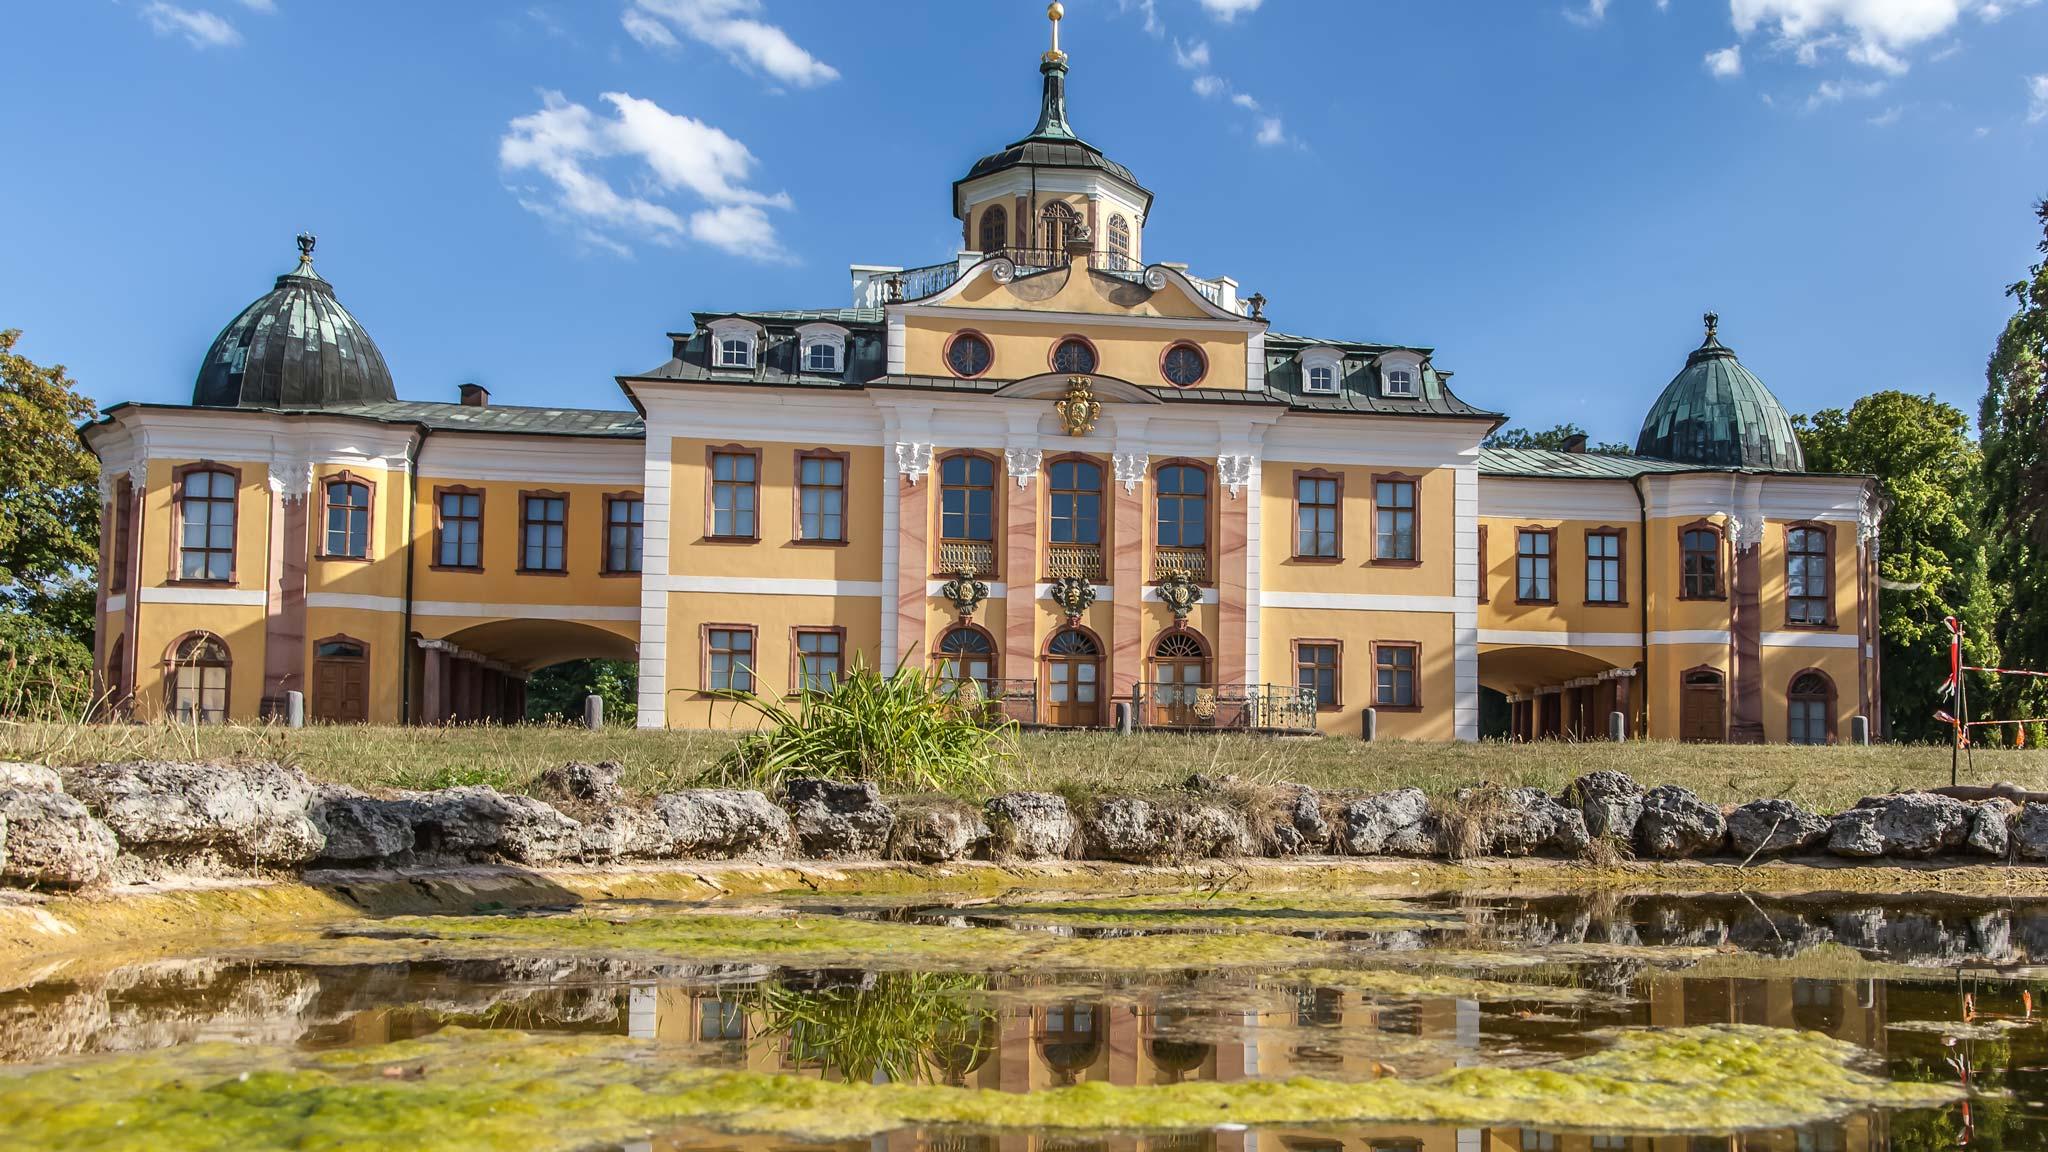 castle Weimar Thuringia